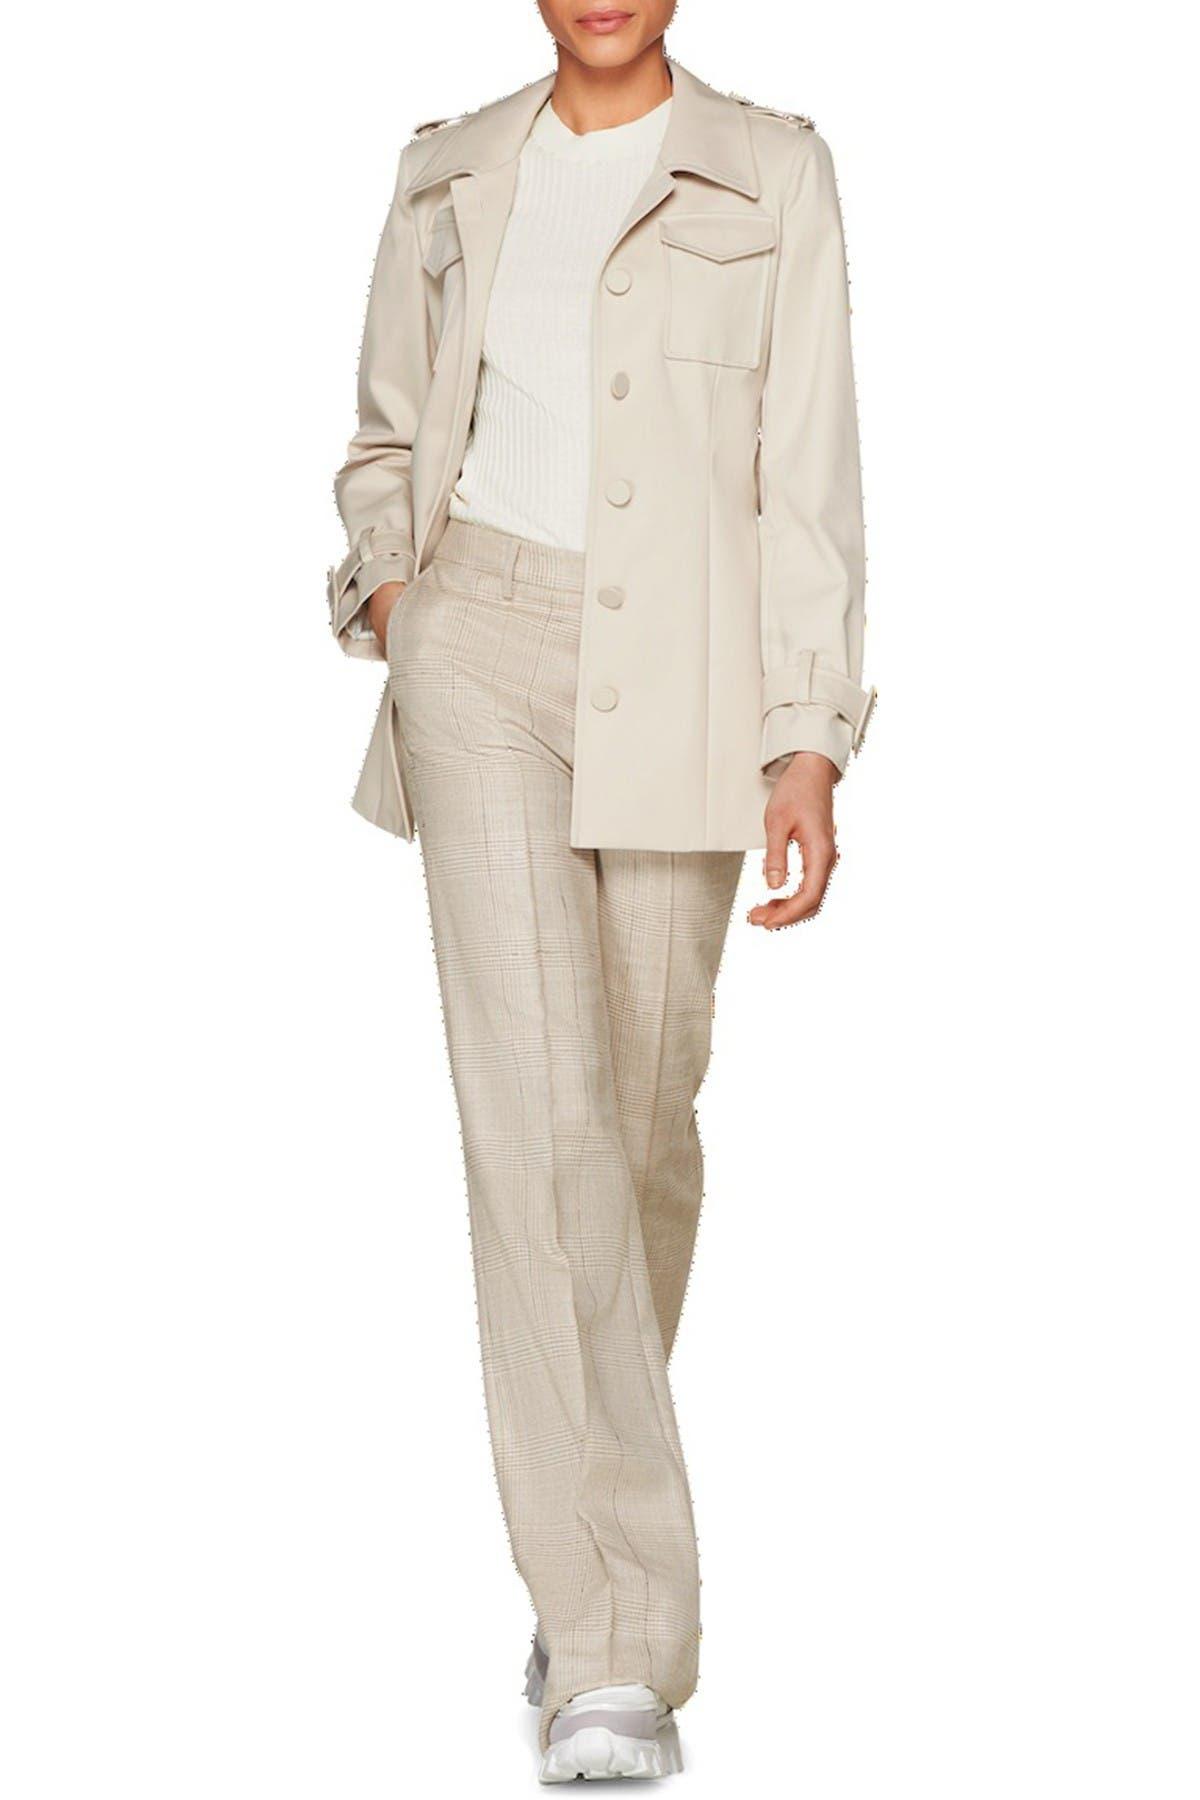 Image of SUISTUDIO Davy Slim Fit Coat